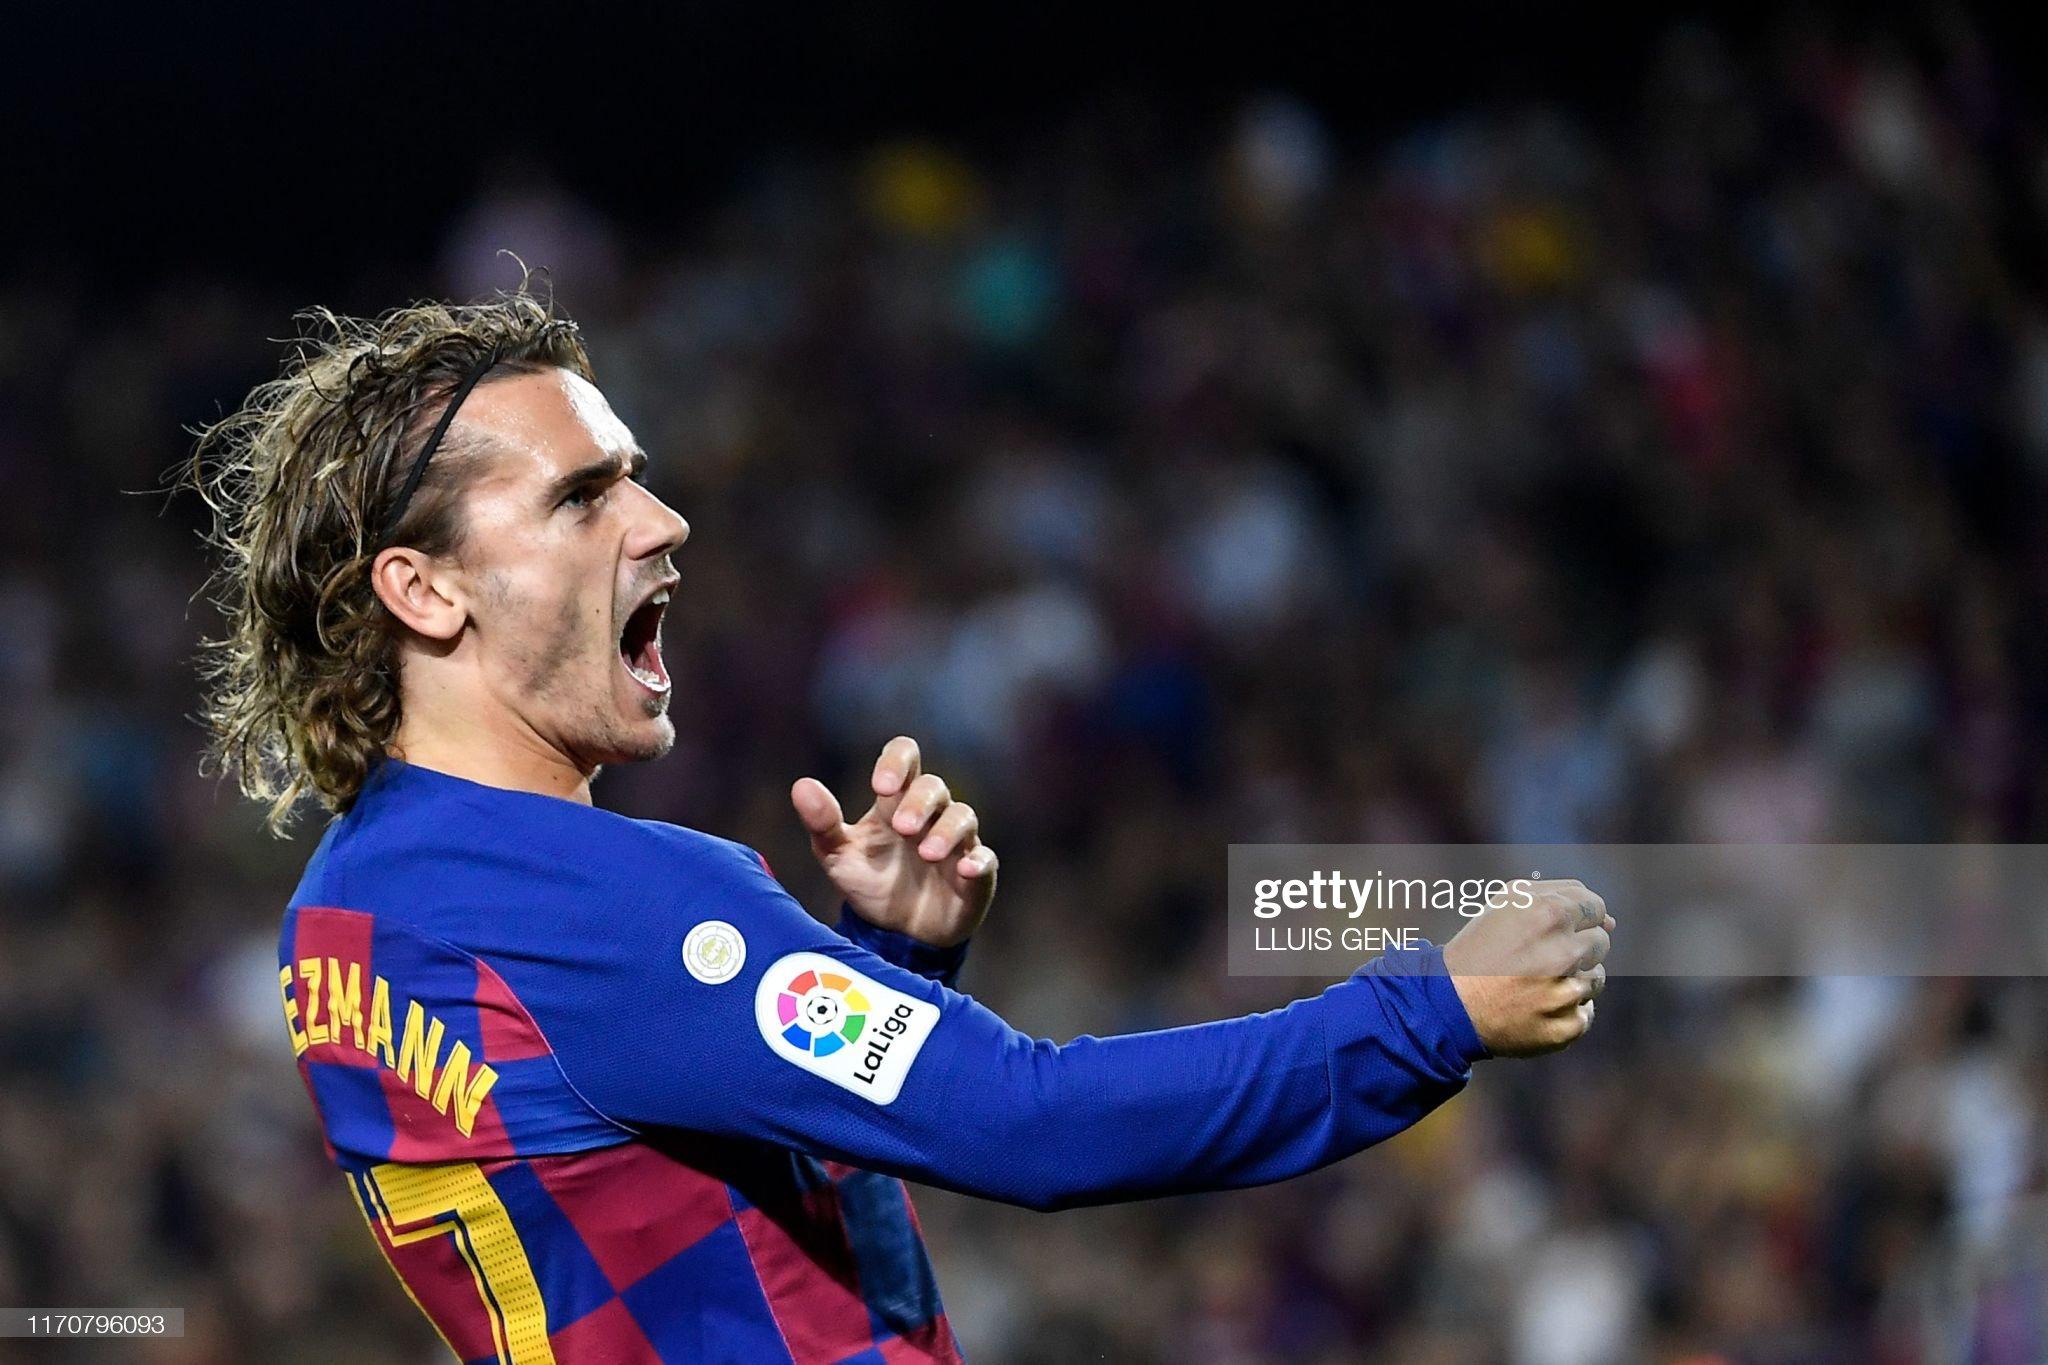 صور مباراة : برشلونة - فياريال 2-1 ( 24-09-2019 )  Barcelonas-french-forward-antoine-griezmann-celebrates-after-scoring-picture-id1170796093?s=2048x2048